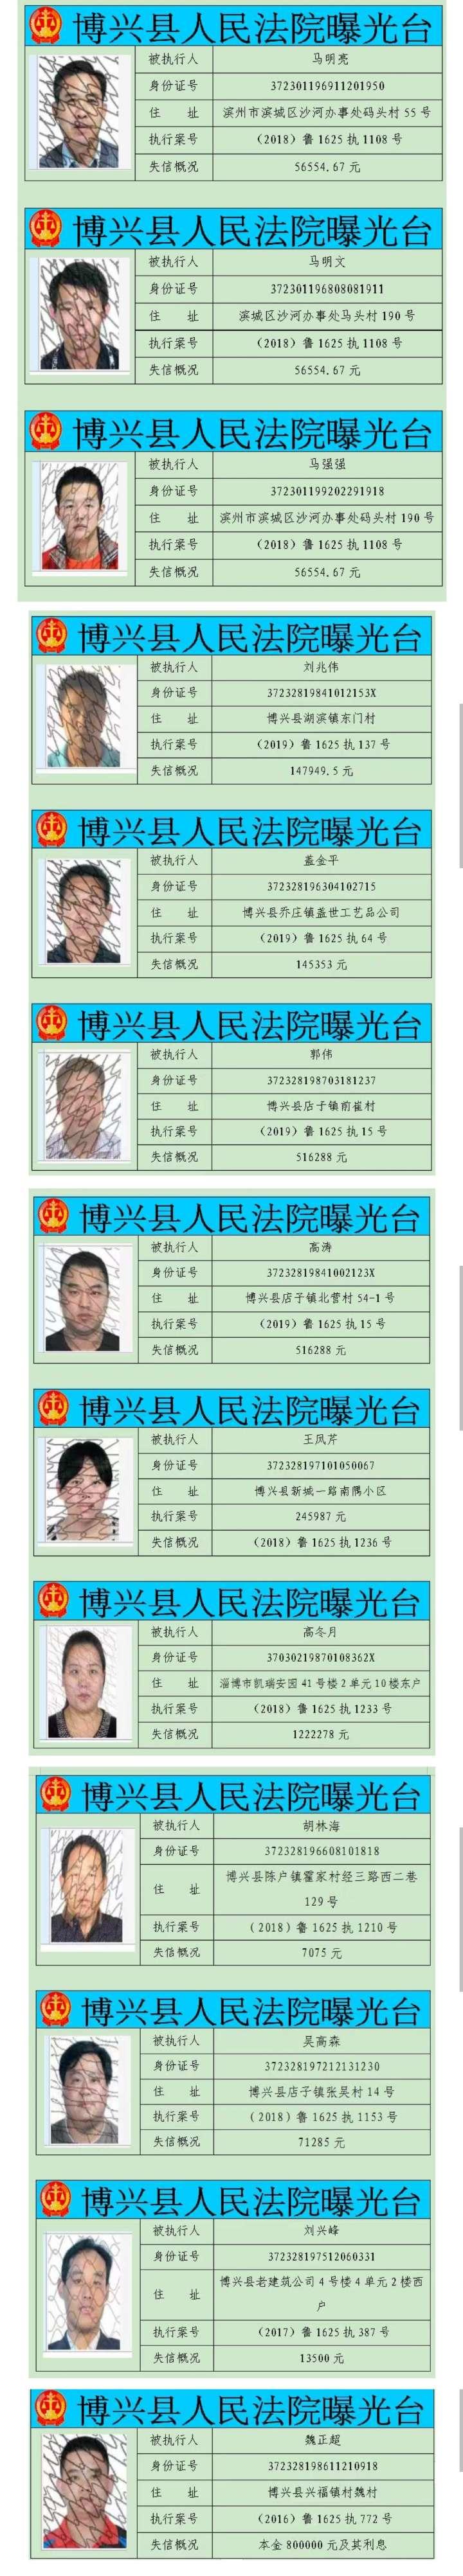 博兴县法院实名曝光13位失信被执行人